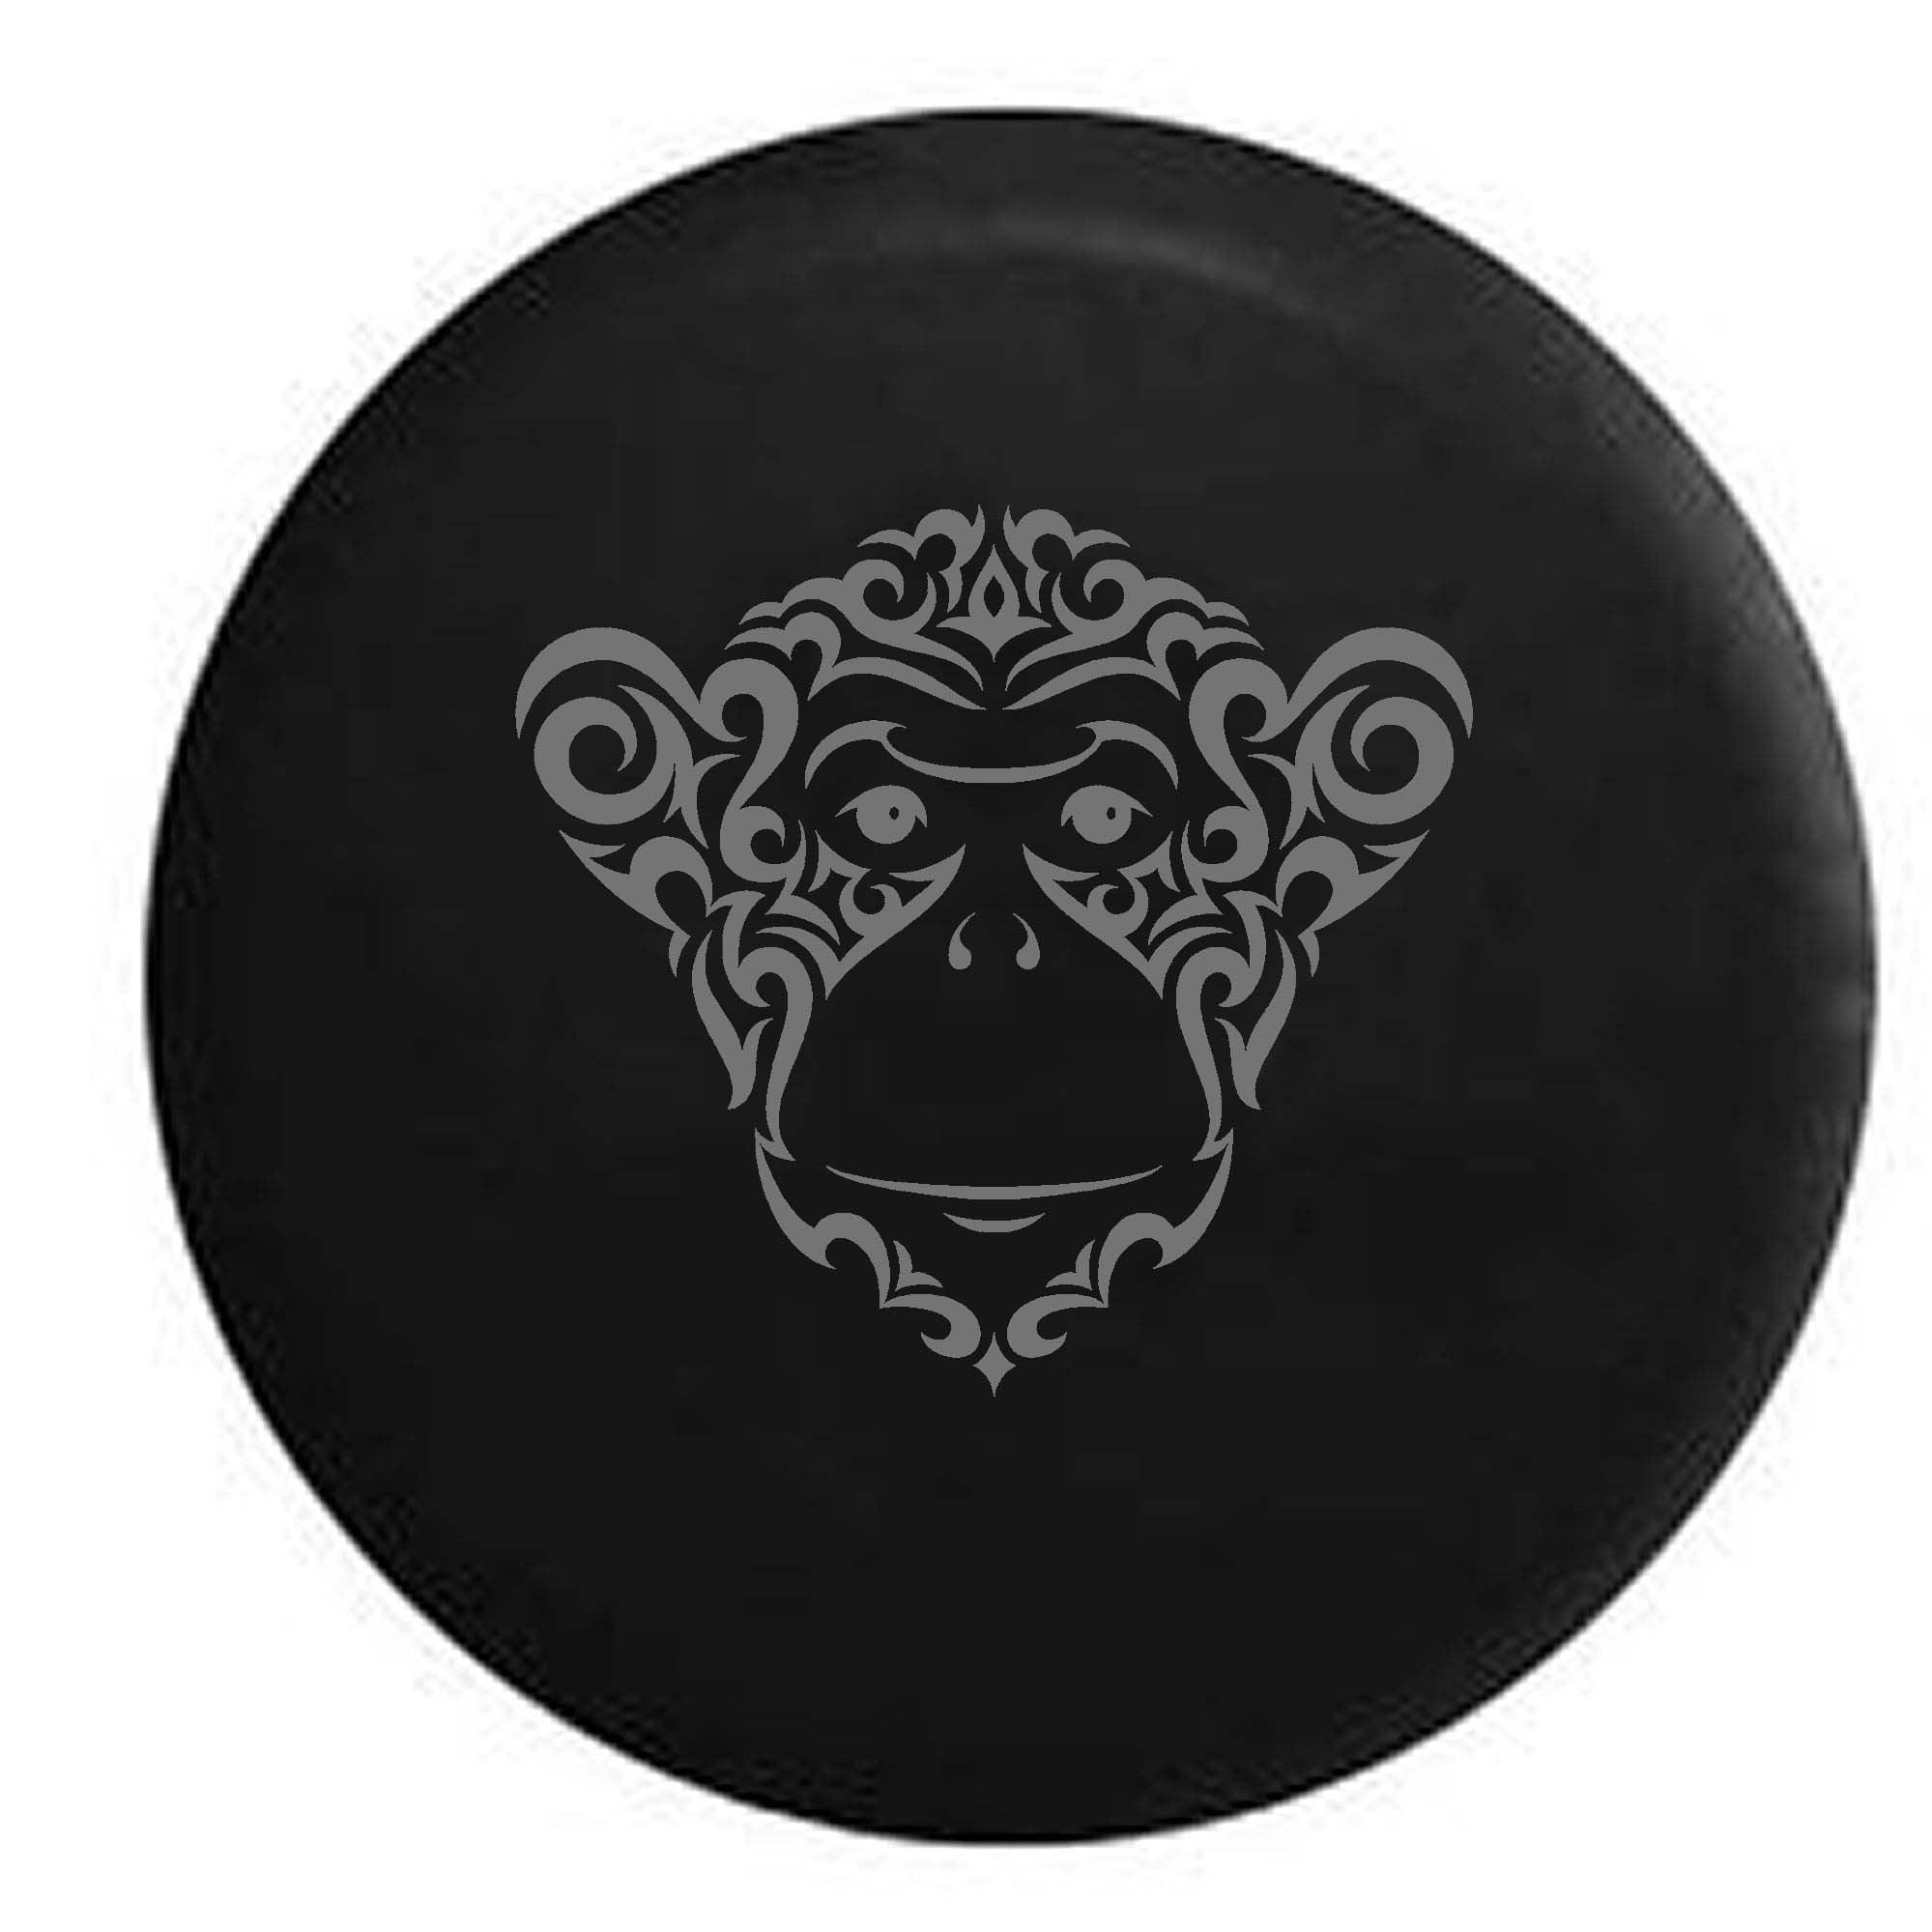 Tribal Monkey Chimp Trailer Spare Tire Cover Vinyl Stealt...